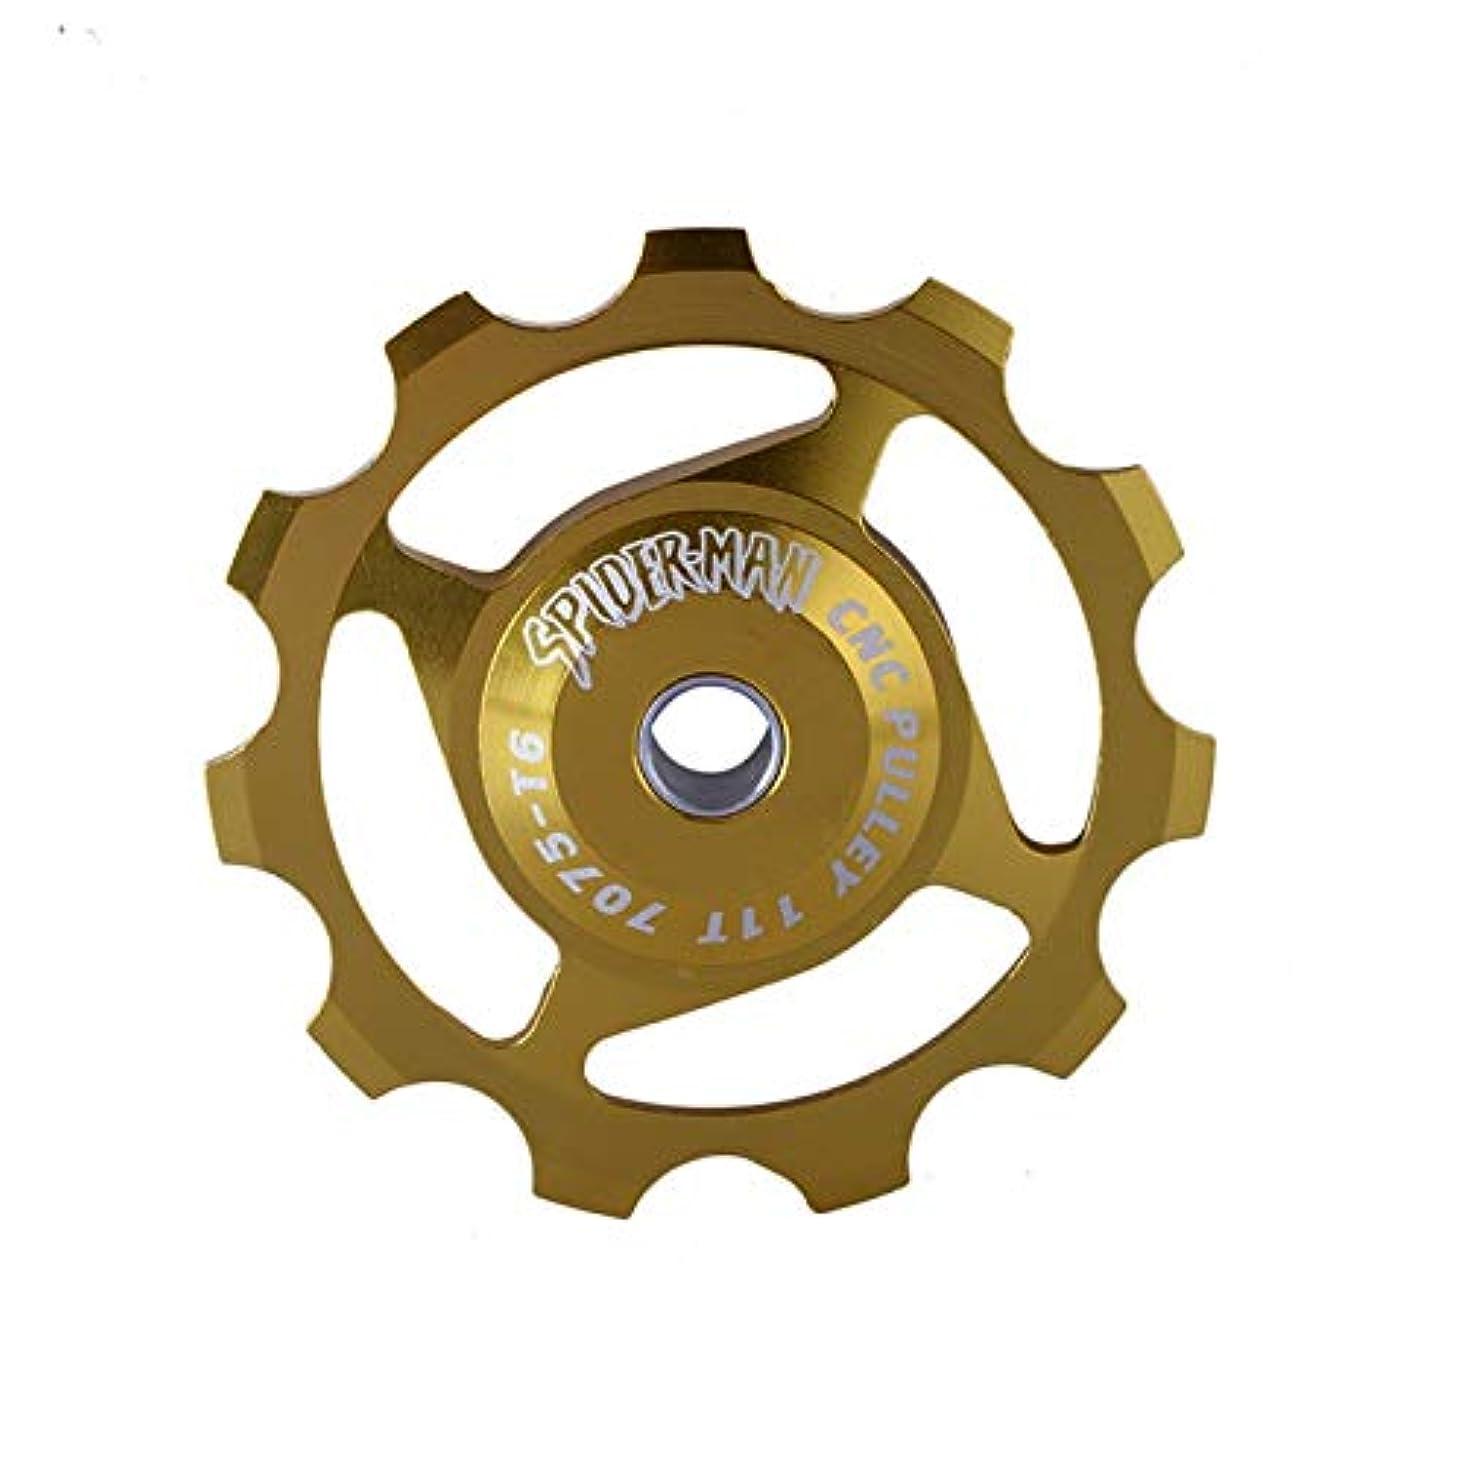 検体仕える表面的なPropenary - 自転車リアディレイラー7075アルミニウム11Tロードバイクベアリングリアディレイラープーリーローラーアイドラーの自転車ジョッキーホイール部品[イエロー]